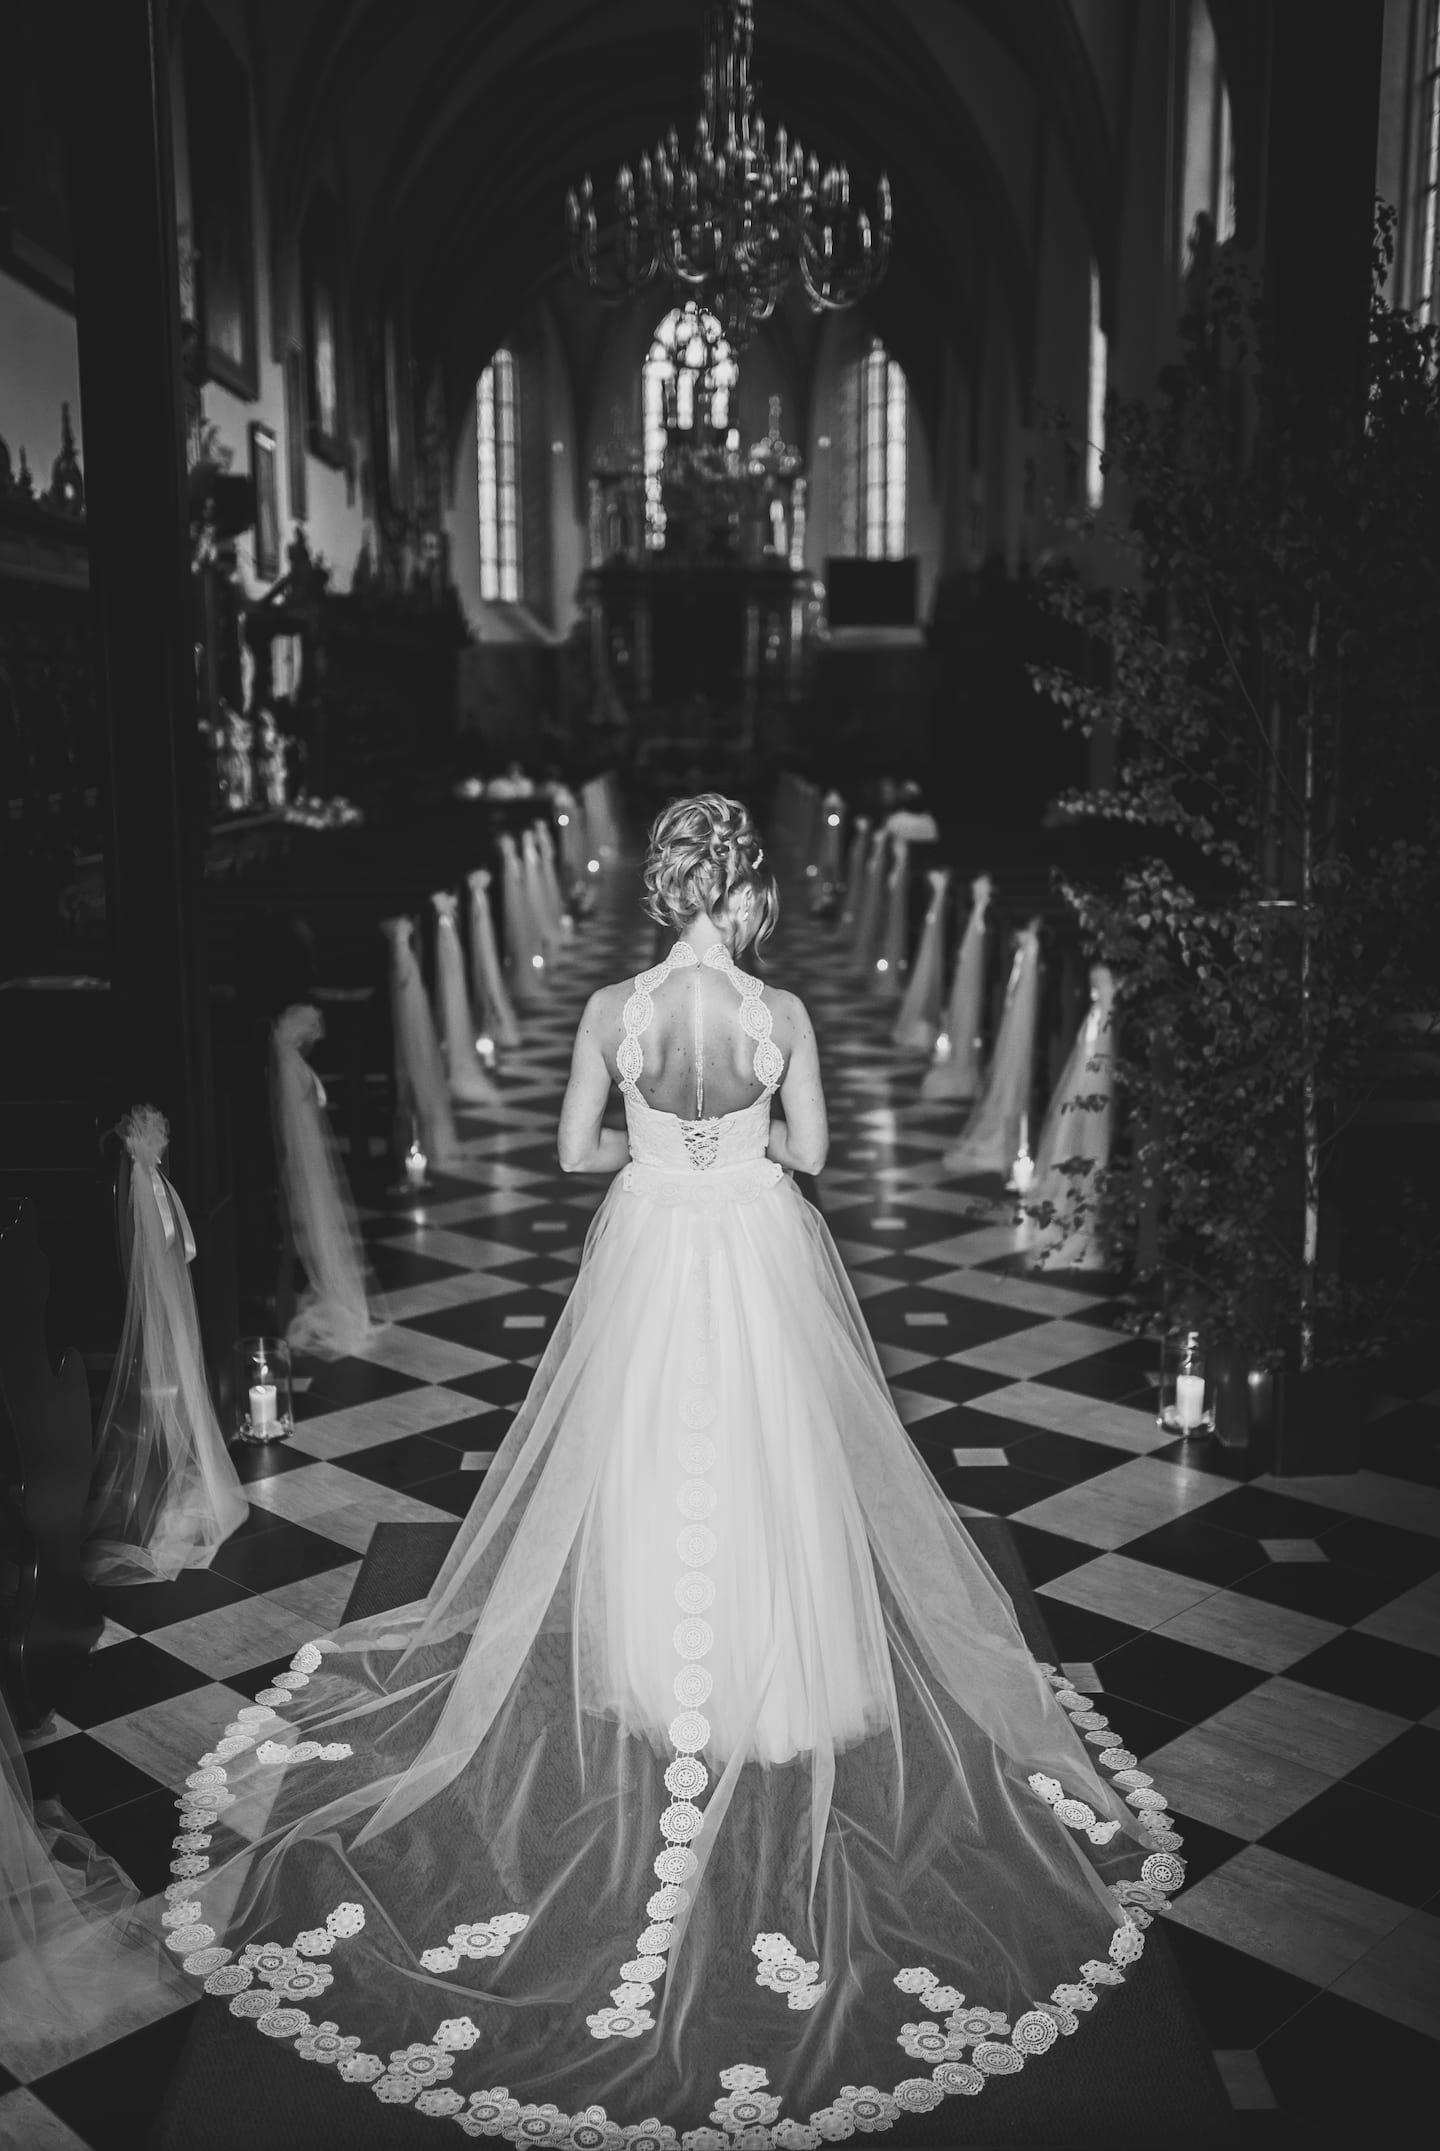 Panna Młoda w kościele, Panna Młoda przed ołtarzem